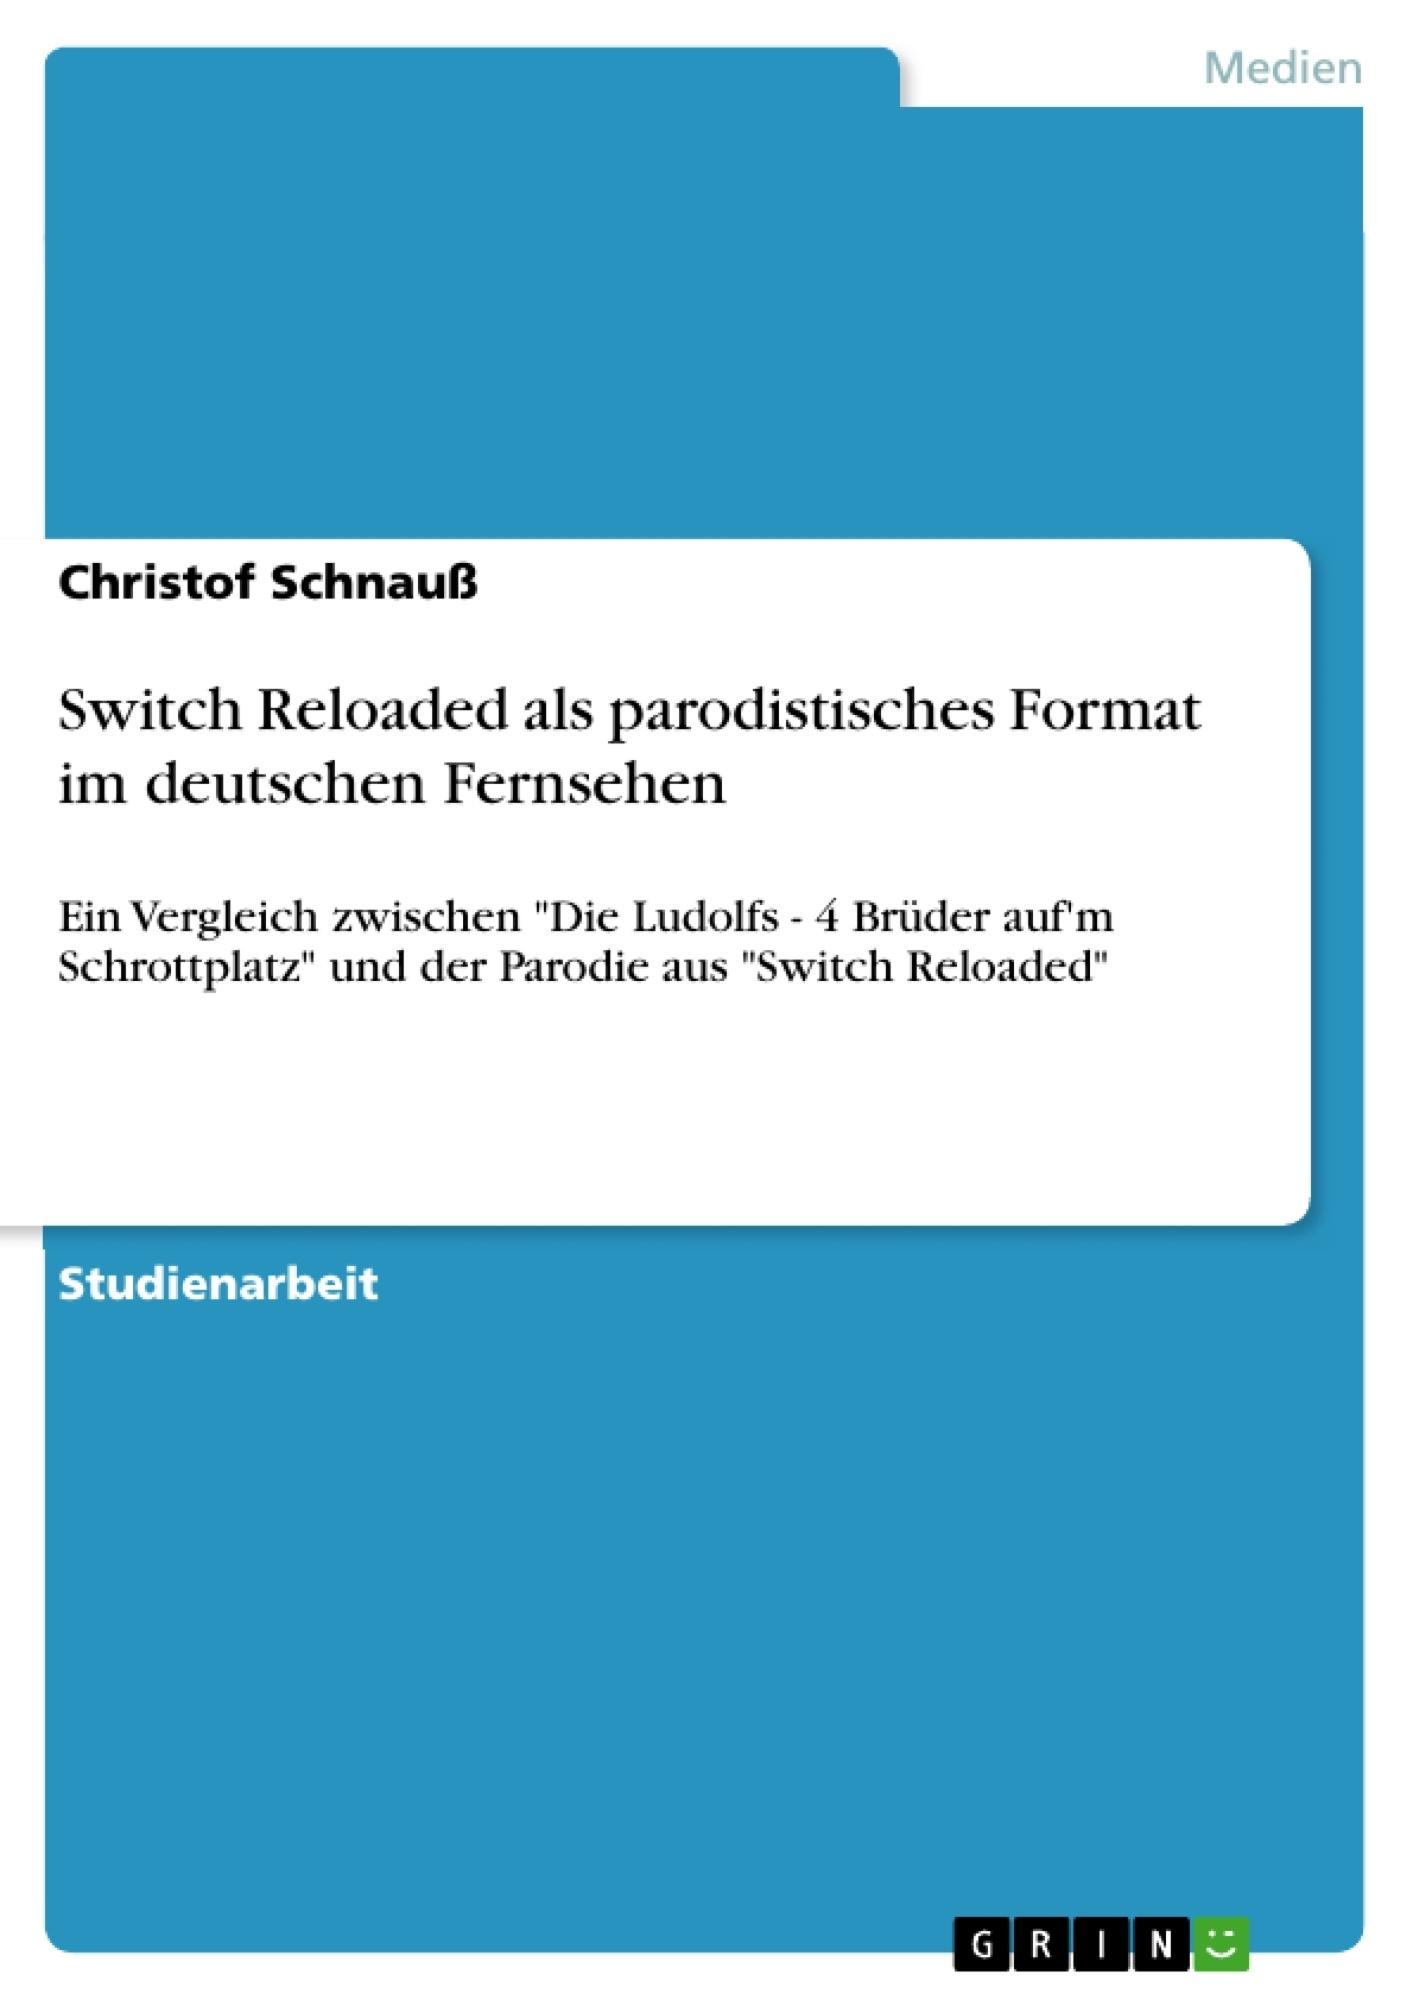 Titel: Switch Reloaded als parodistisches Format im deutschen Fernsehen